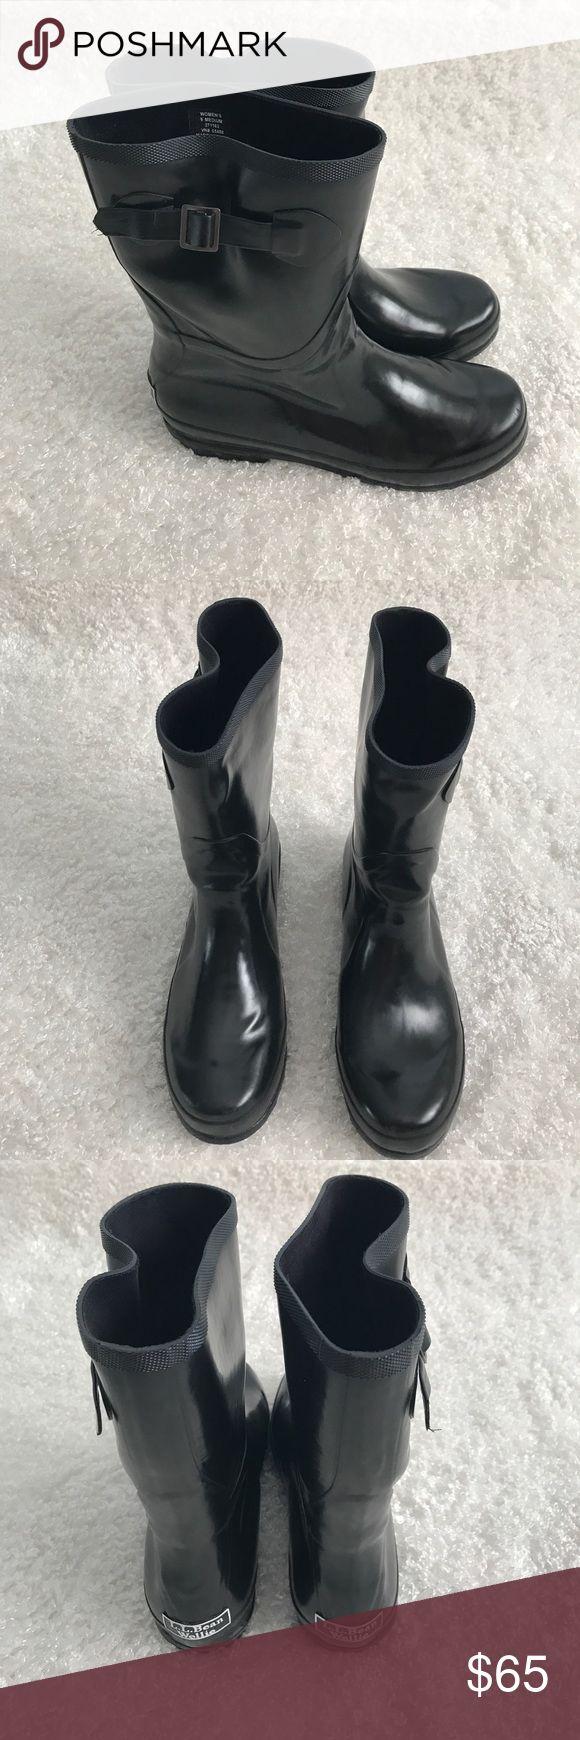 L.L. Bean Short Wellie Boots EUC. Women's Size 9. L.L. Bean Shoes Winter & Rain Boots